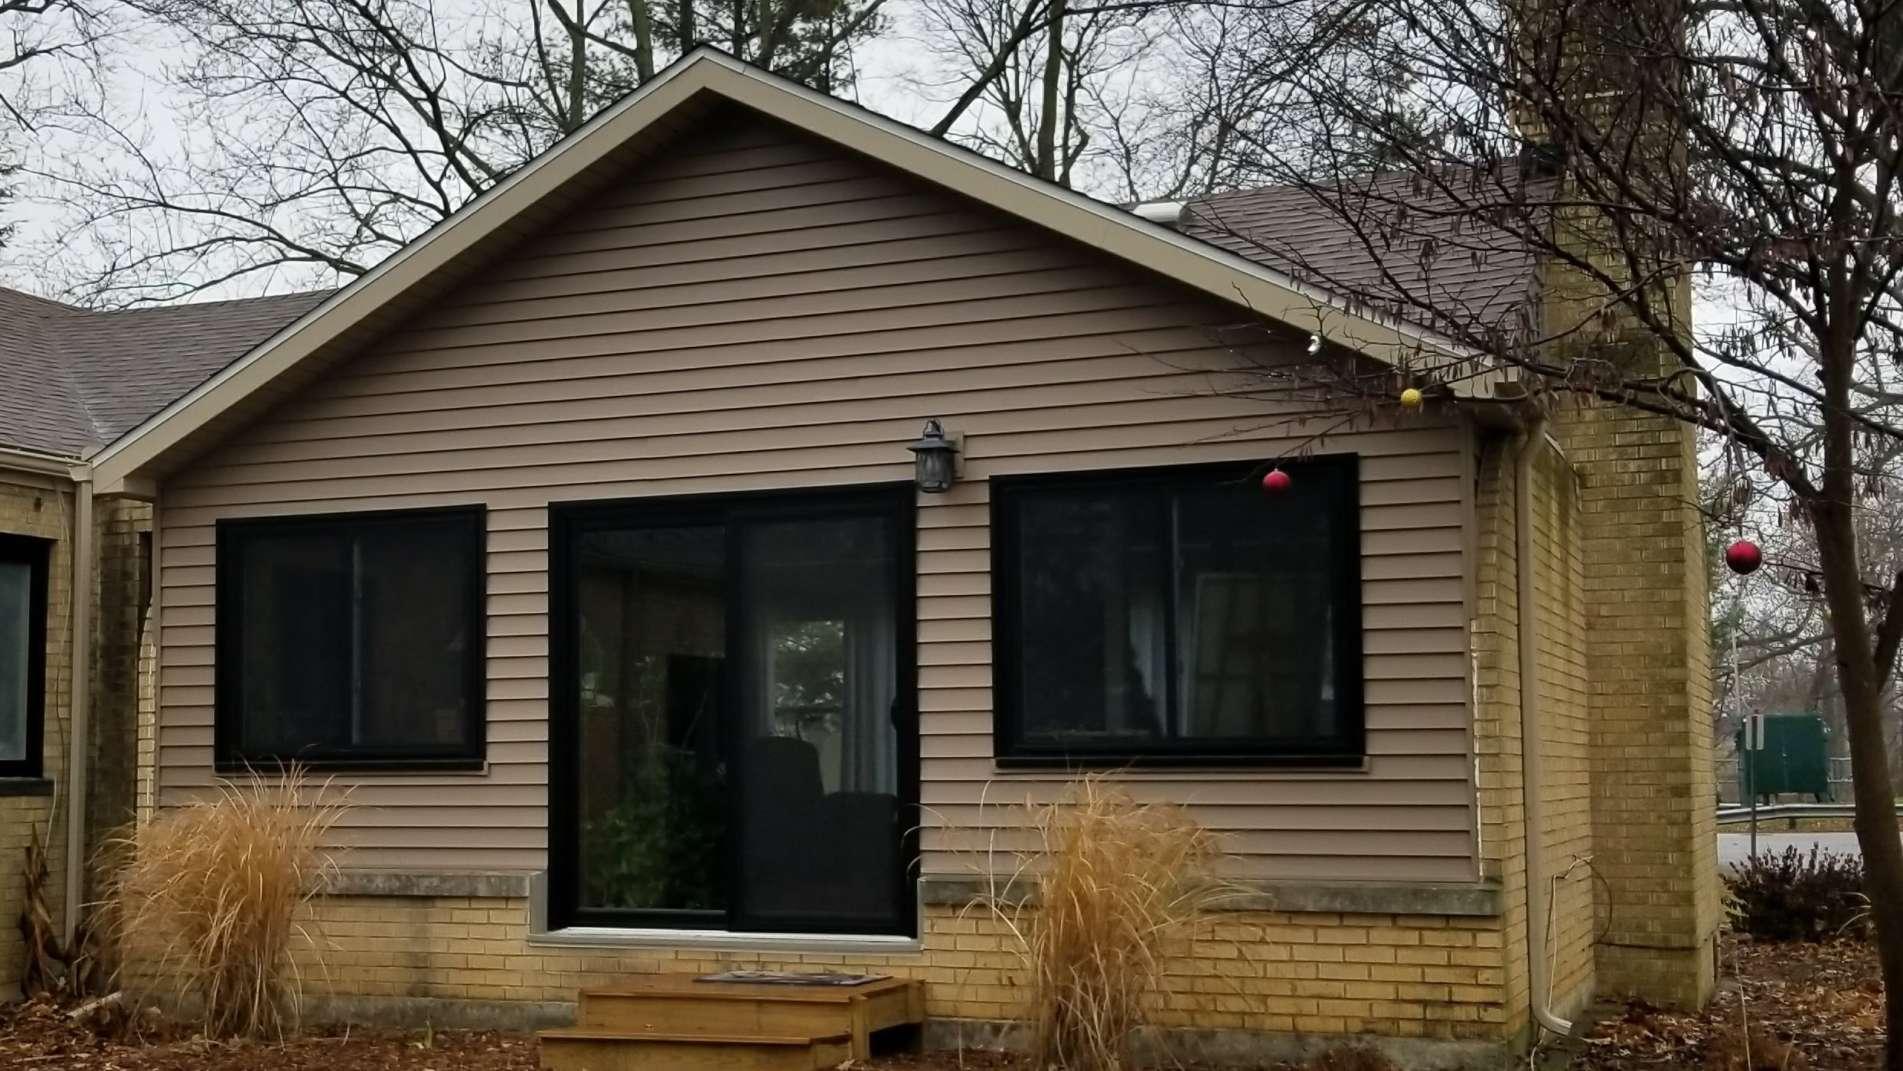 ca contractor additions roomadditionscontractorvista vista encinitas carlsbad in addition room